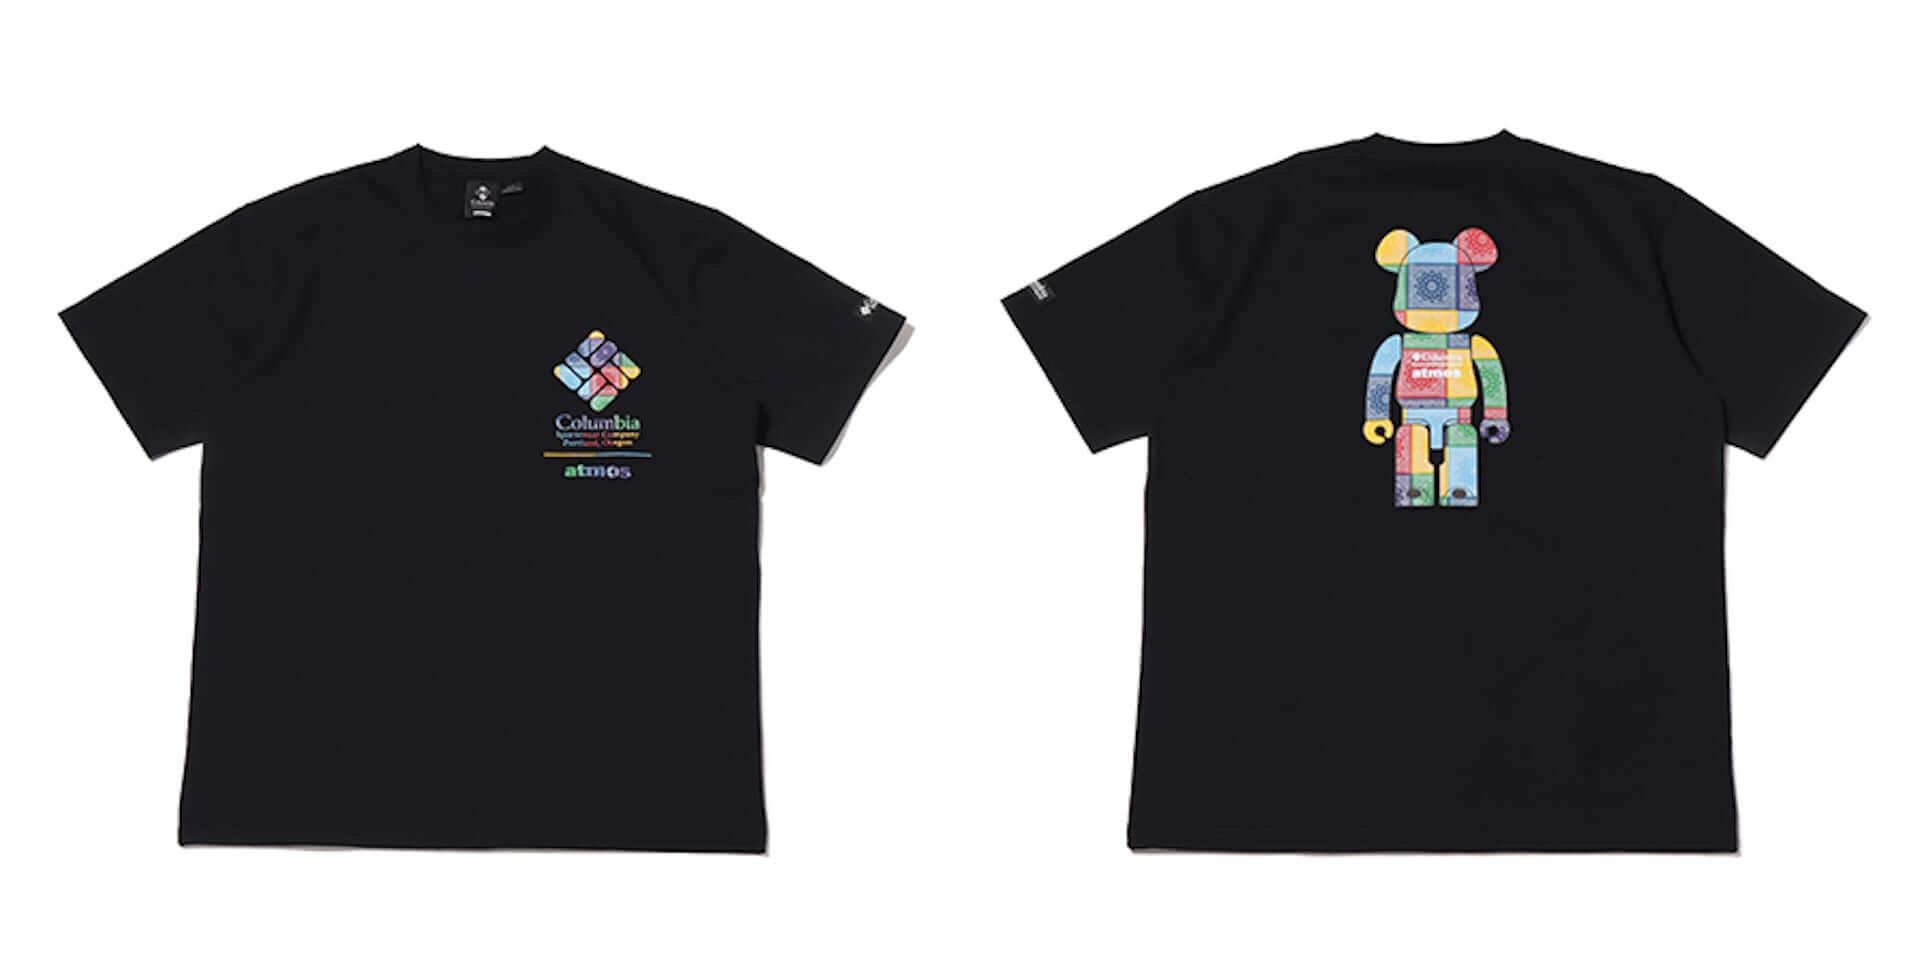 Columbiaとatmosによる2021年春夏コラボアイテムが発売!バンダナ柄BE@RBRICKをデザインしたTシャツなど多数展開 lf210304_columbia-atmos_9-1920x960